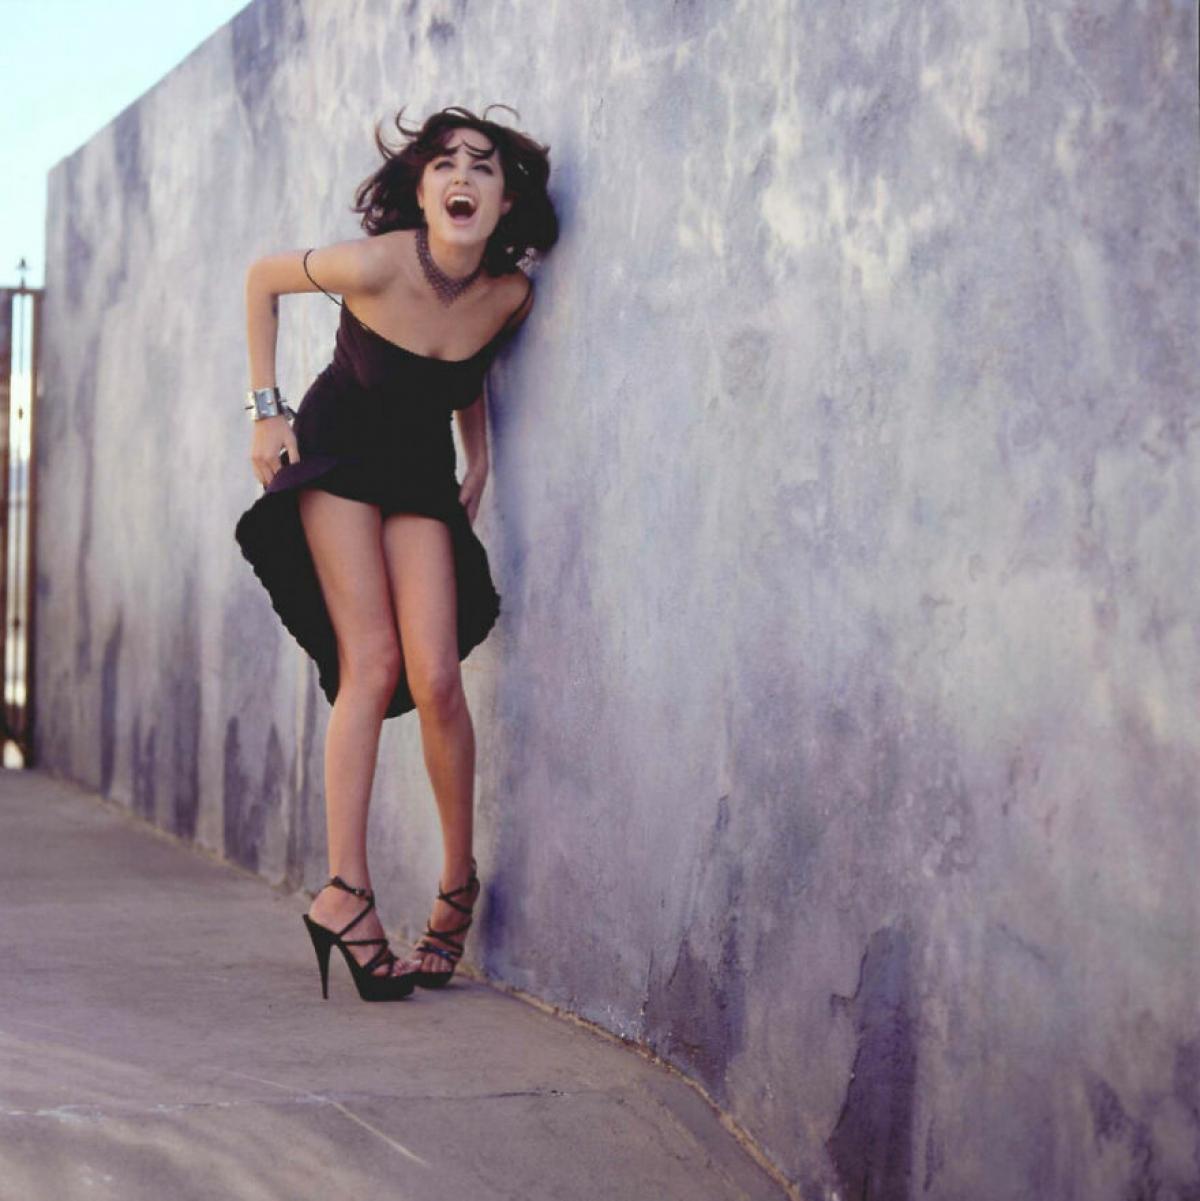 Ngôi sao hạng A Hollywood tỏ ra không hề e dè trước ống kính khi cô khoe dáng trong những bộ cánh quyến rũ.